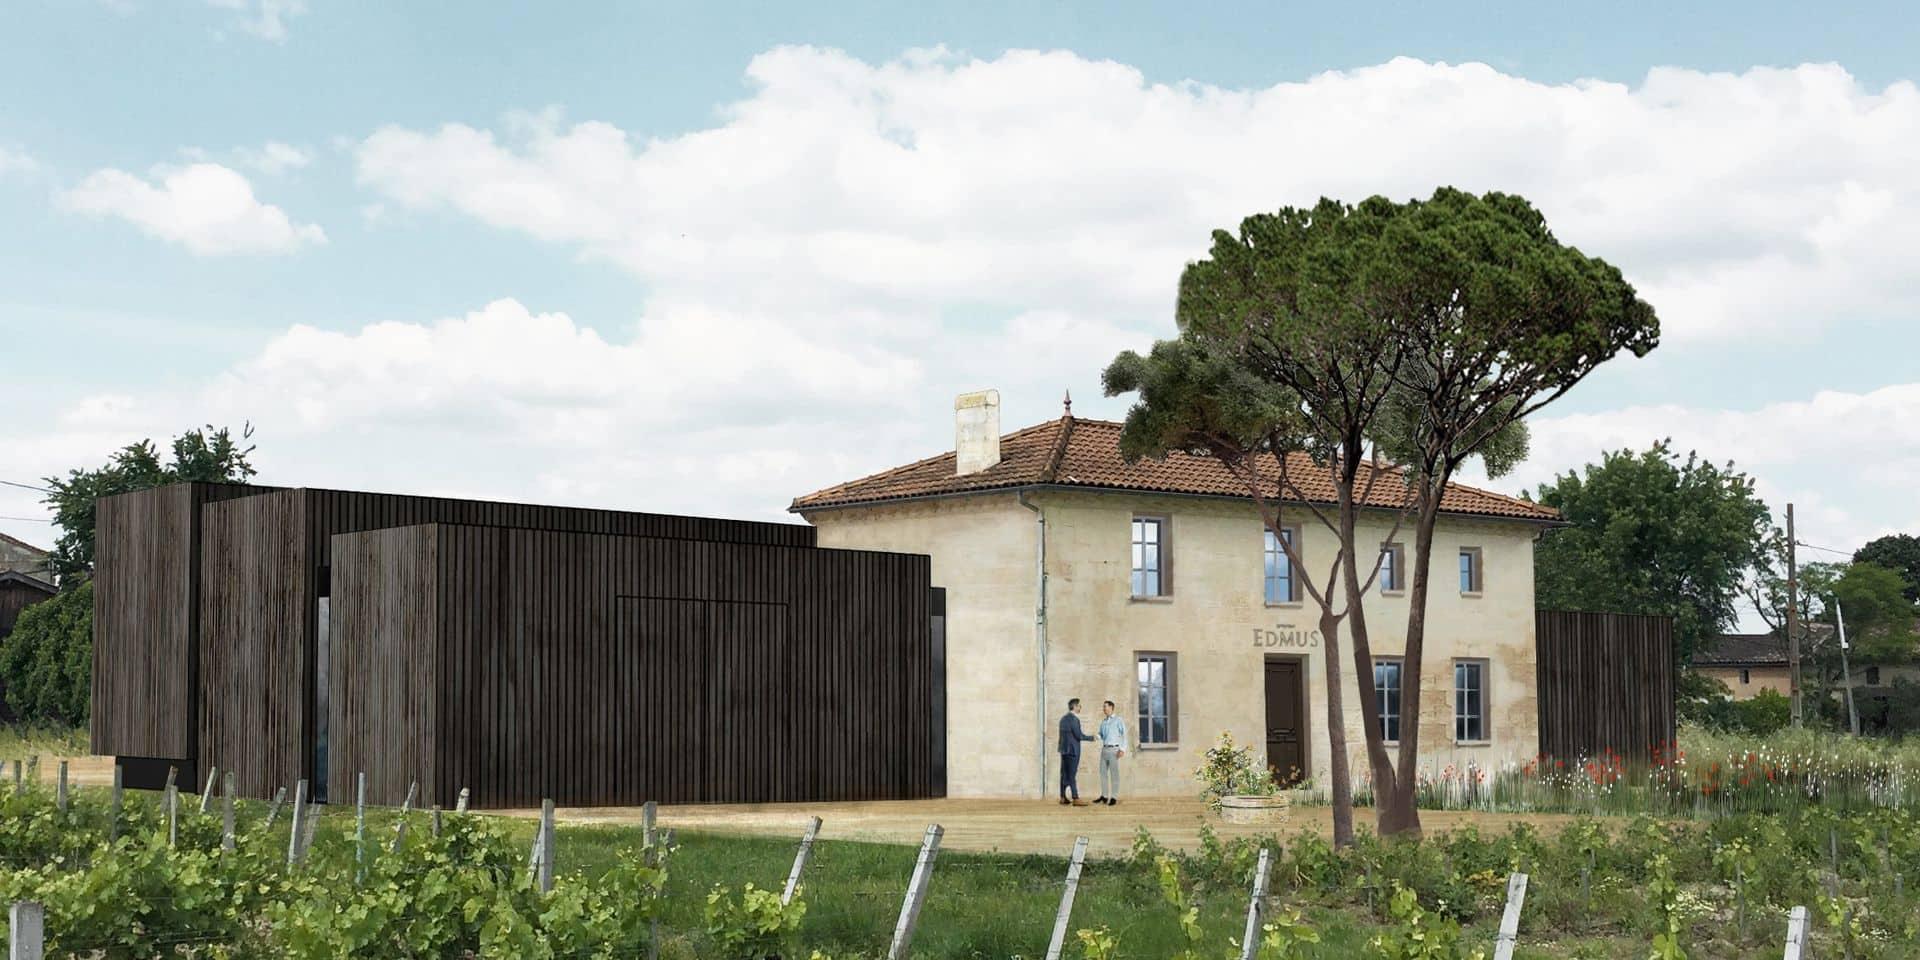 Le Château Edmus est situé sur les terres de Saint-Sulpice de Faleyrens, l'une des huit communes de la juridiction de Saint-Émilion.